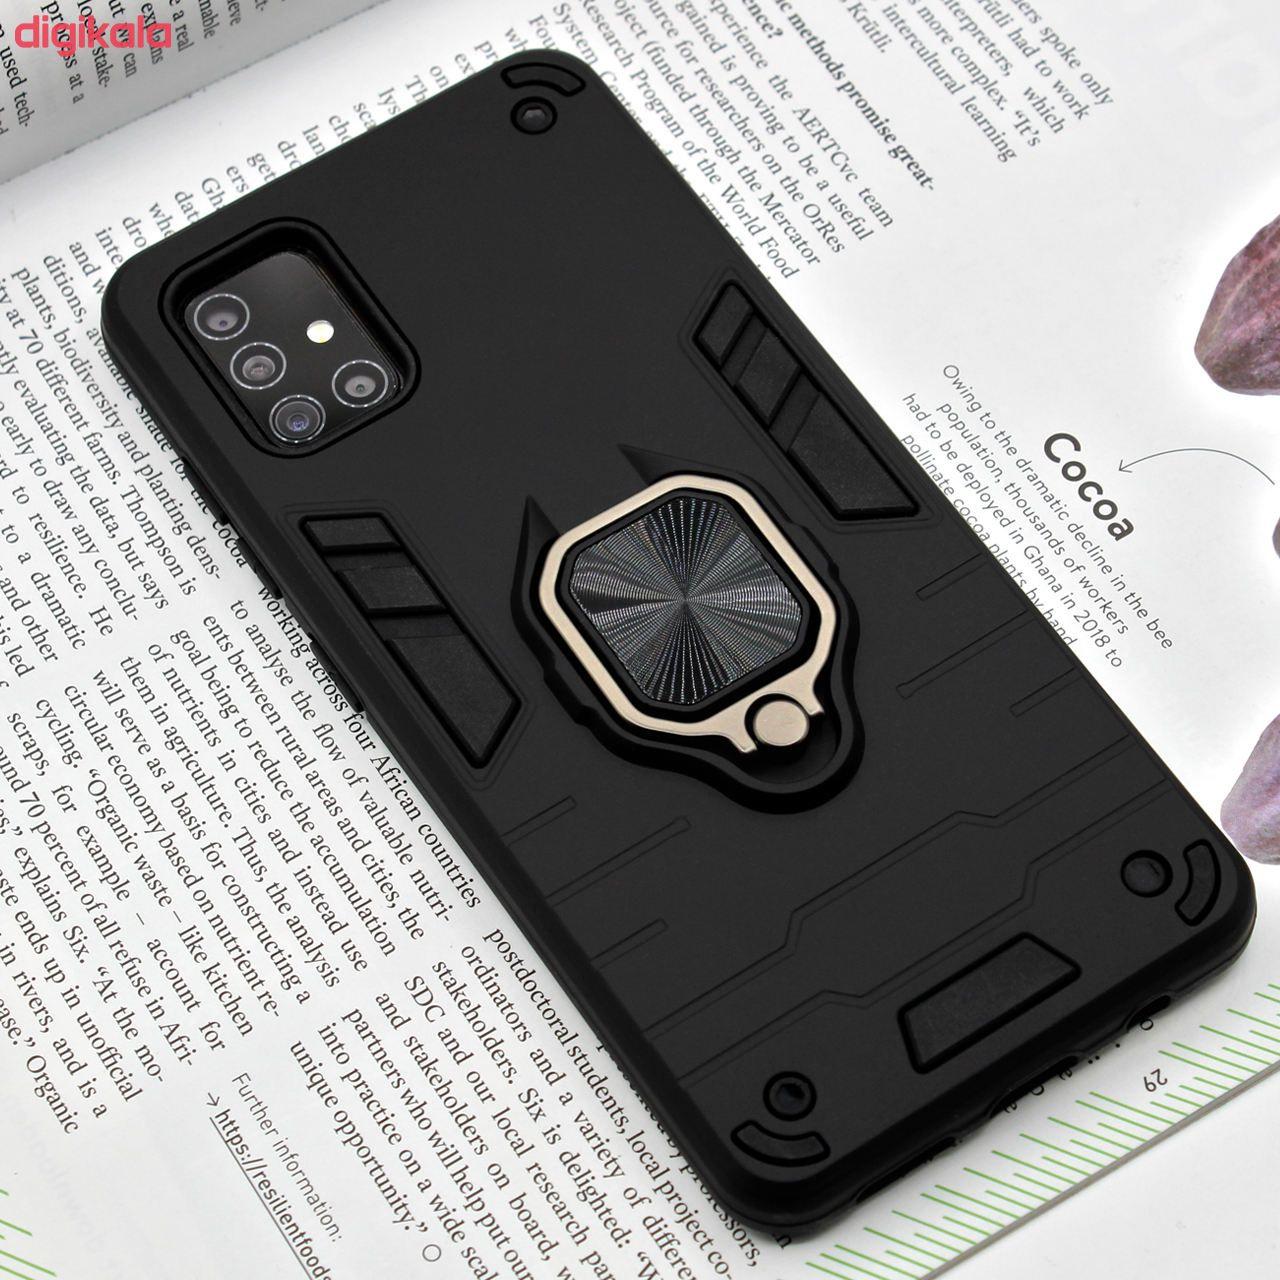 کاور کینگ پاور مدل ASH22 مناسب برای گوشی موبایل سامسونگ Galaxy A31 main 1 4